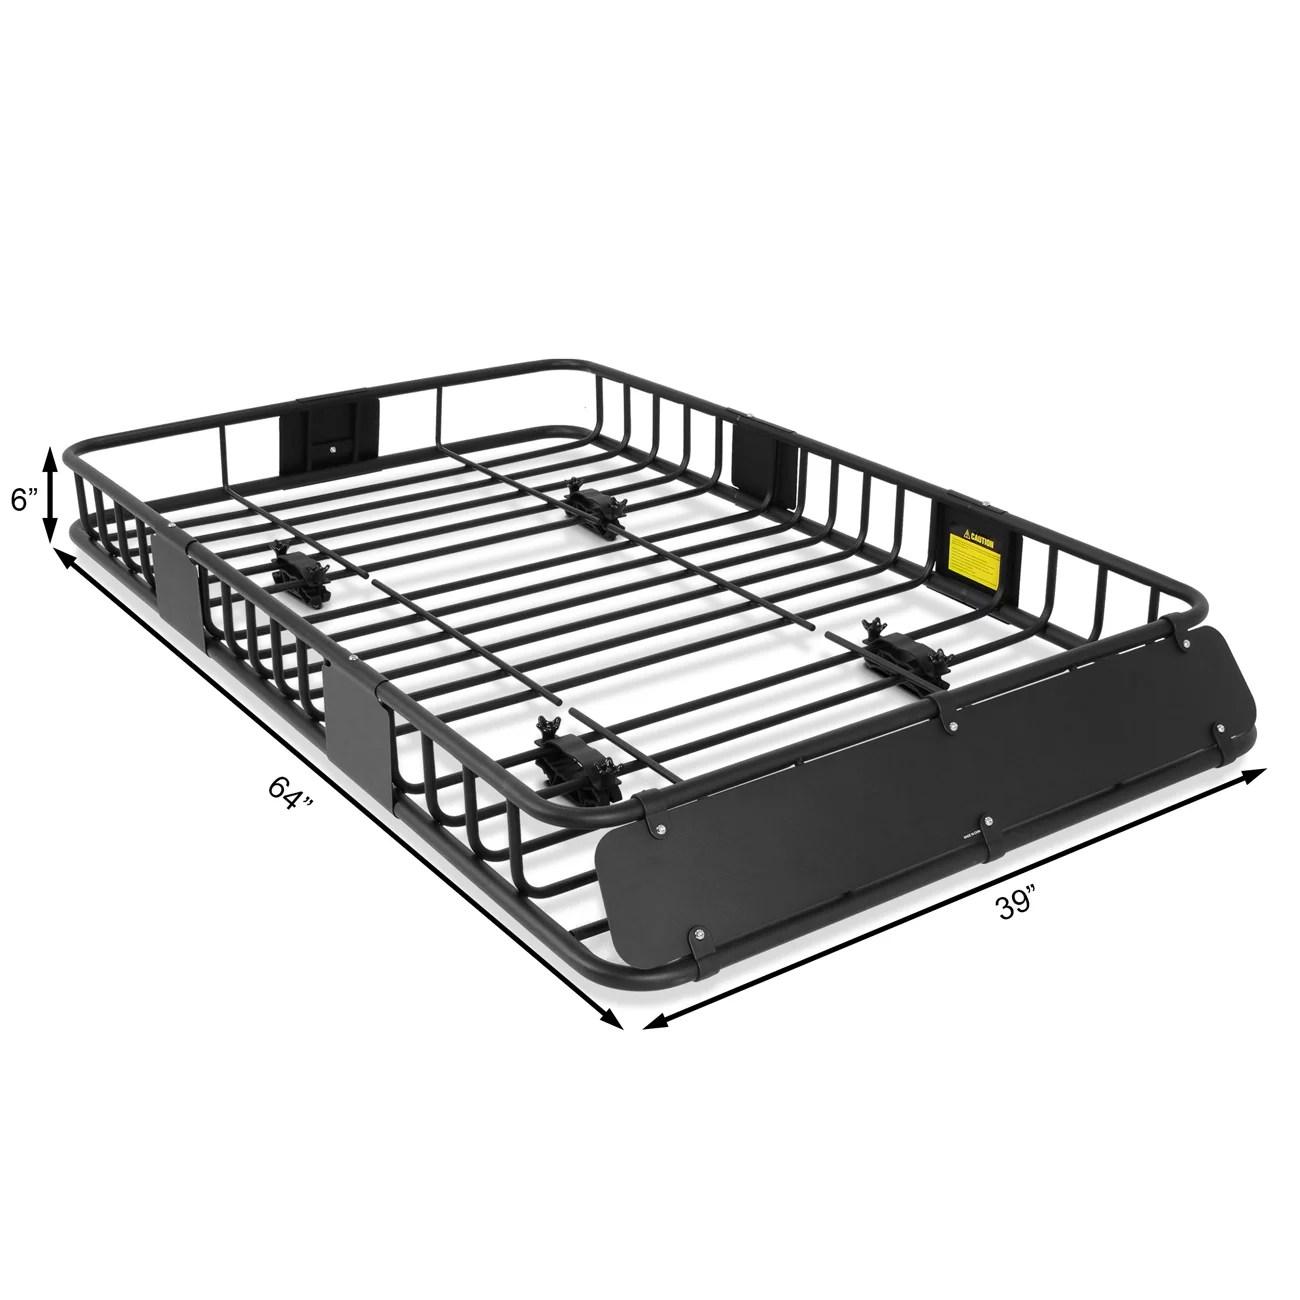 arksen 64 universal roof rack cargo extension with cargo net black